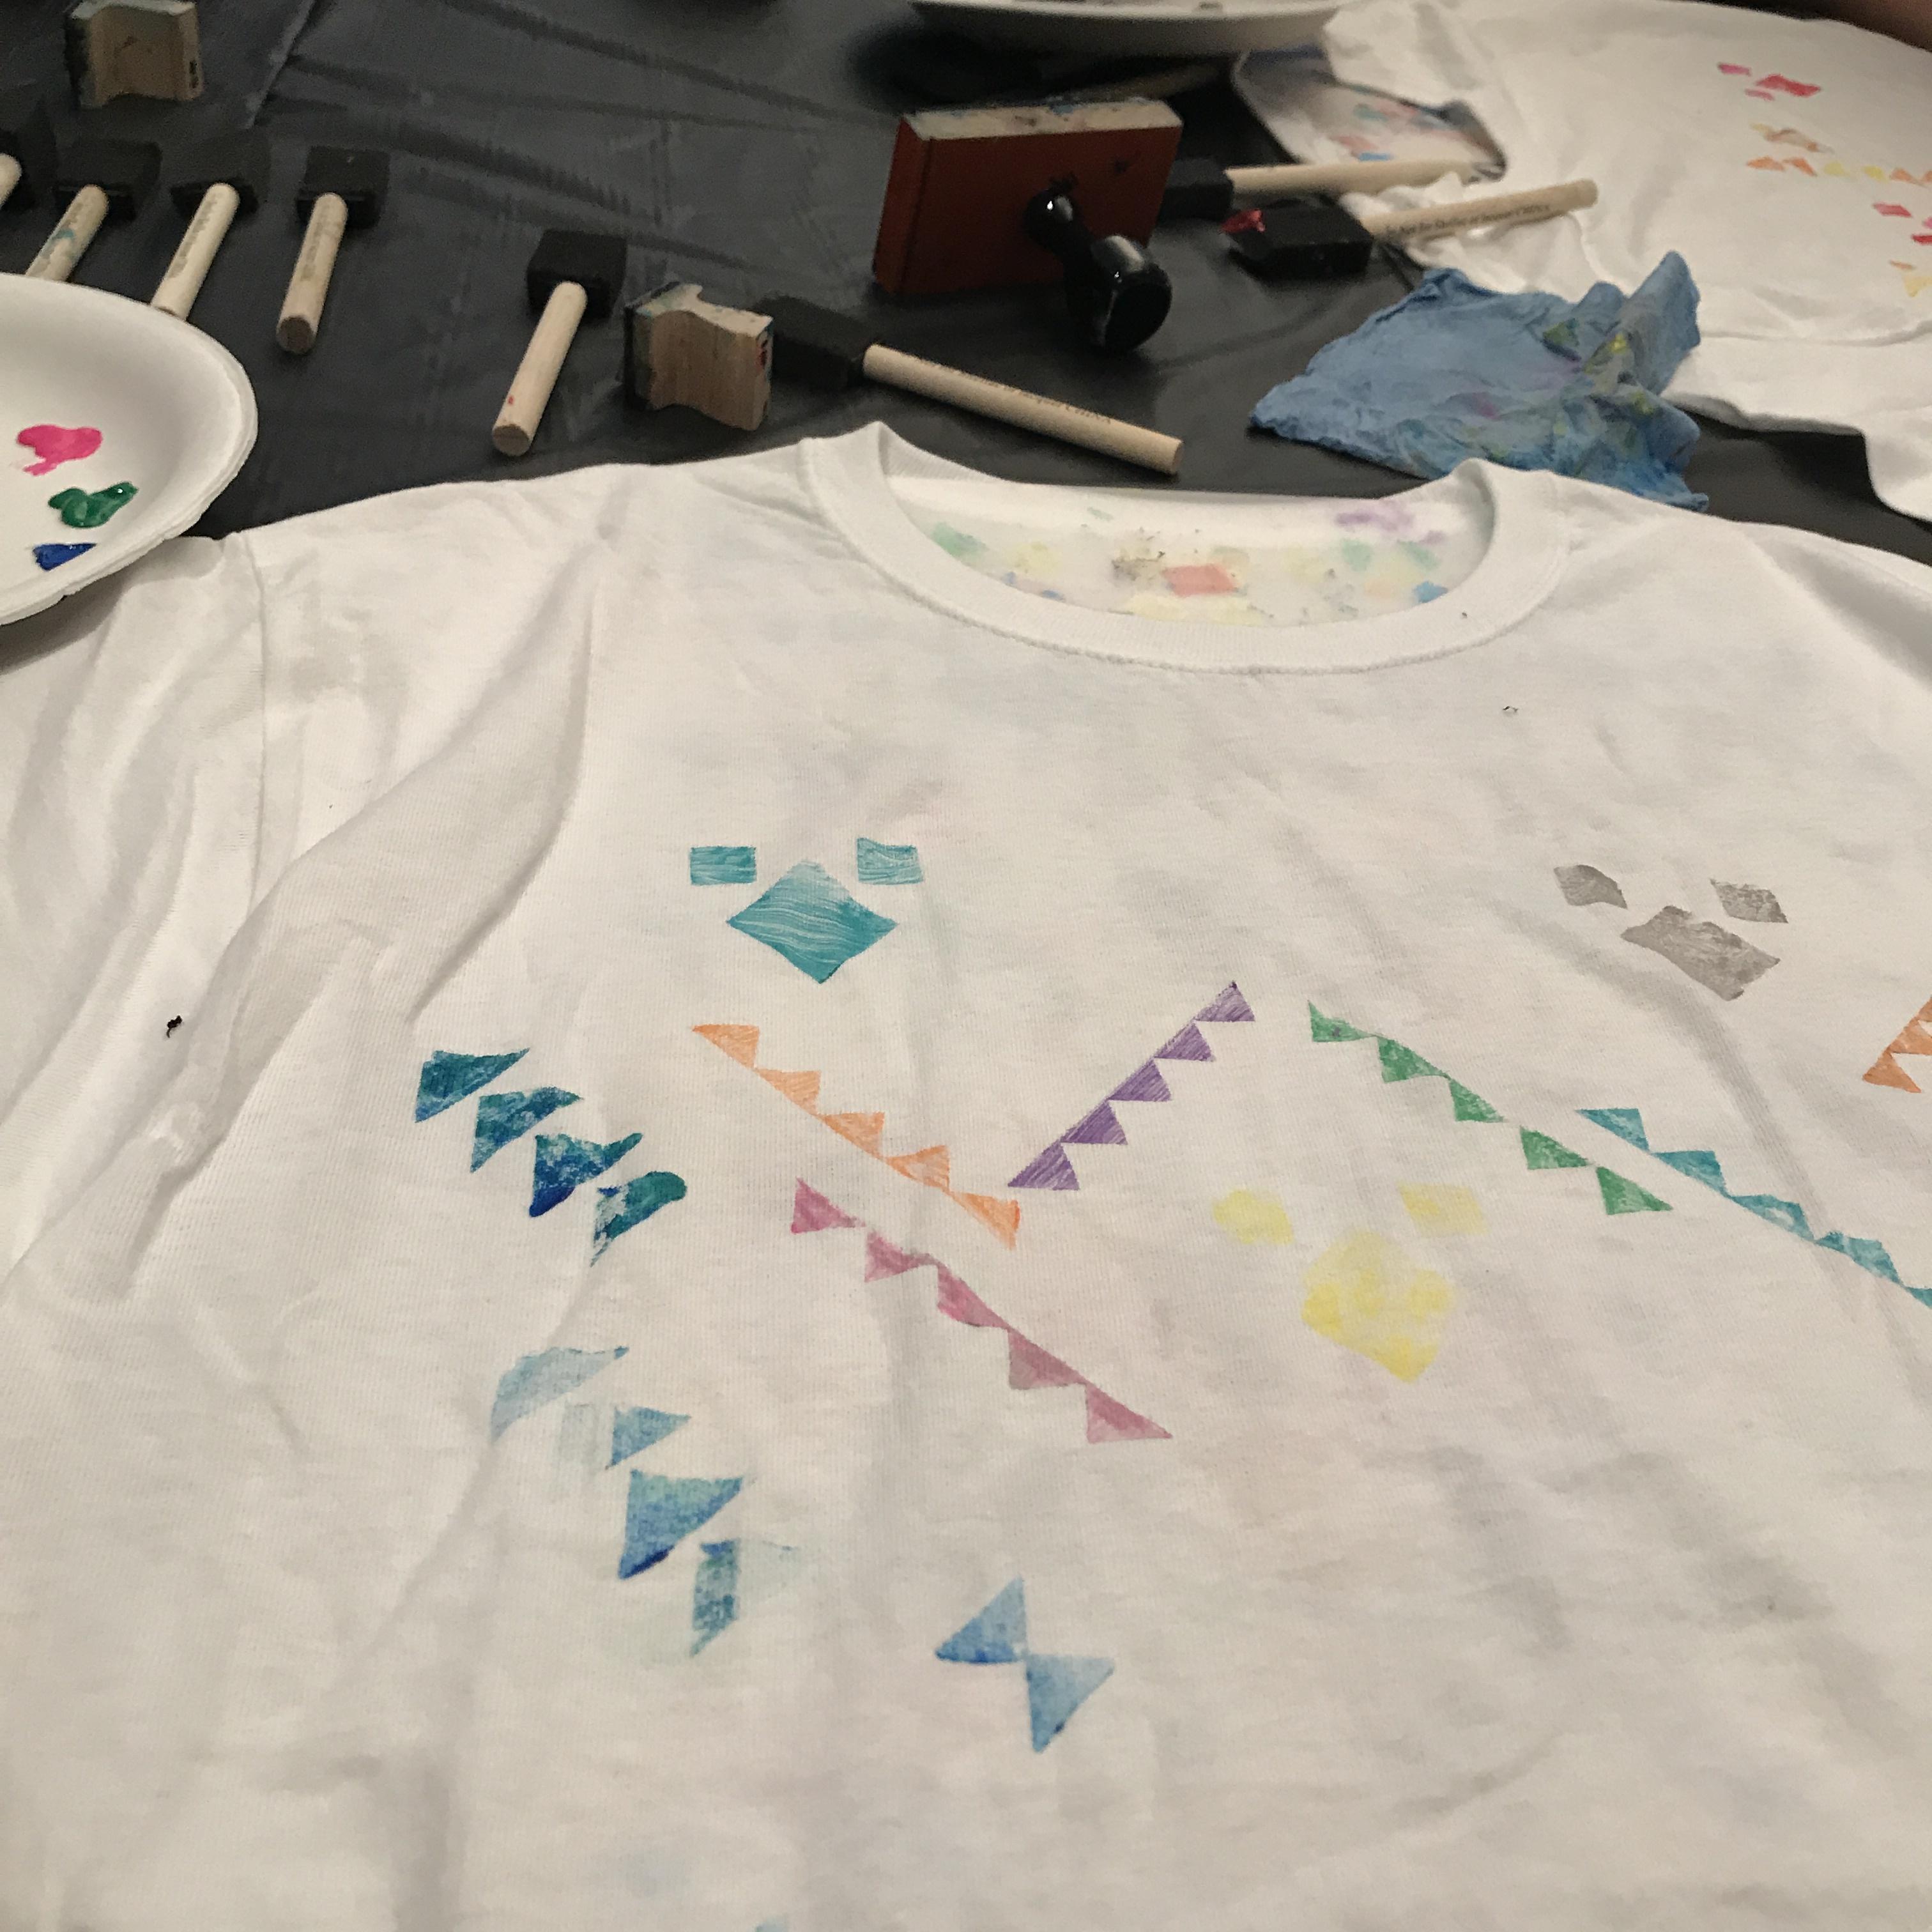 アウラニ・ディズニー in hawaii ❤︎「オリジナル Tシャツ作り」_1_3